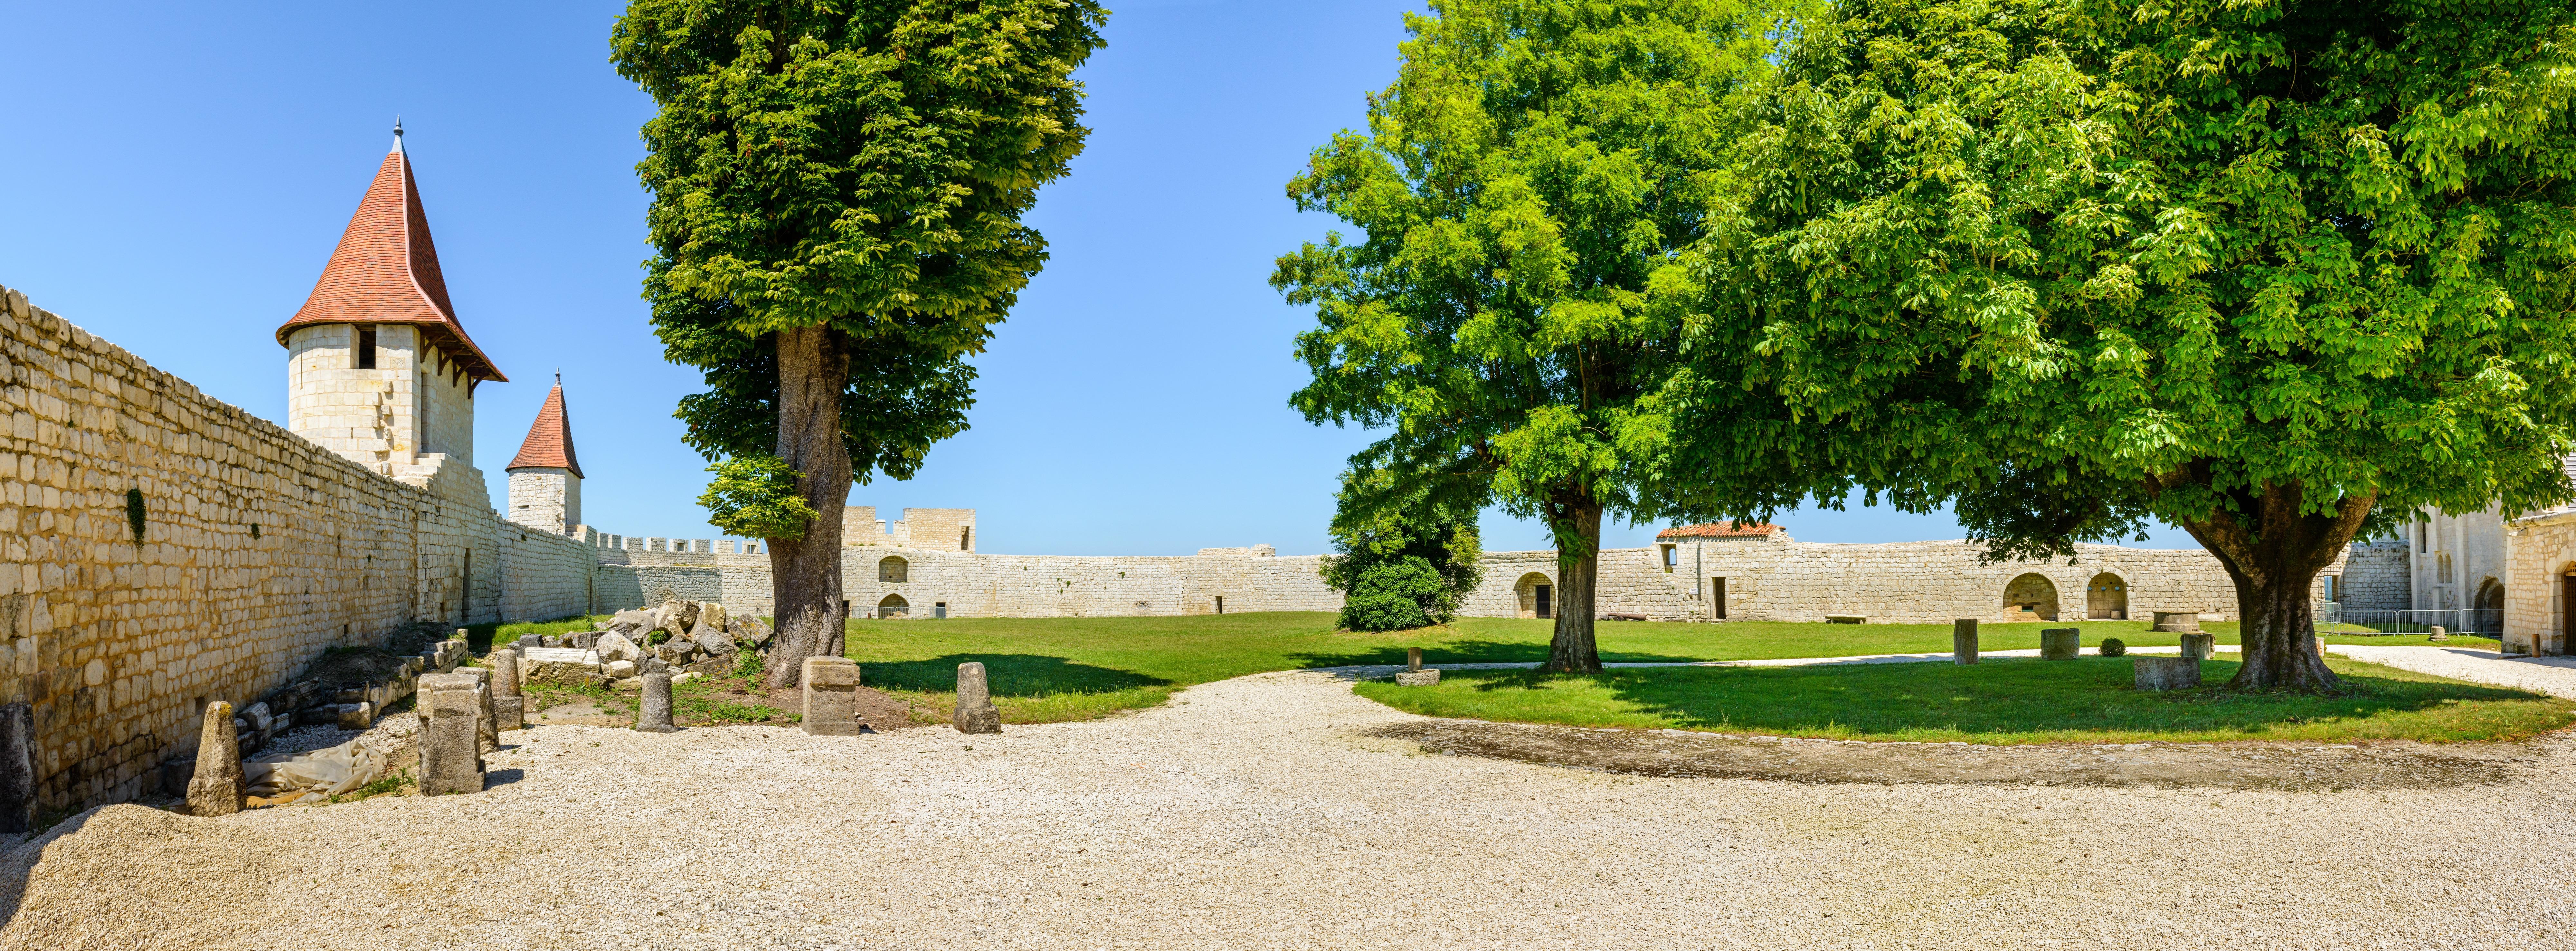 Château du duc d'épernon à Villebois-Lavalette